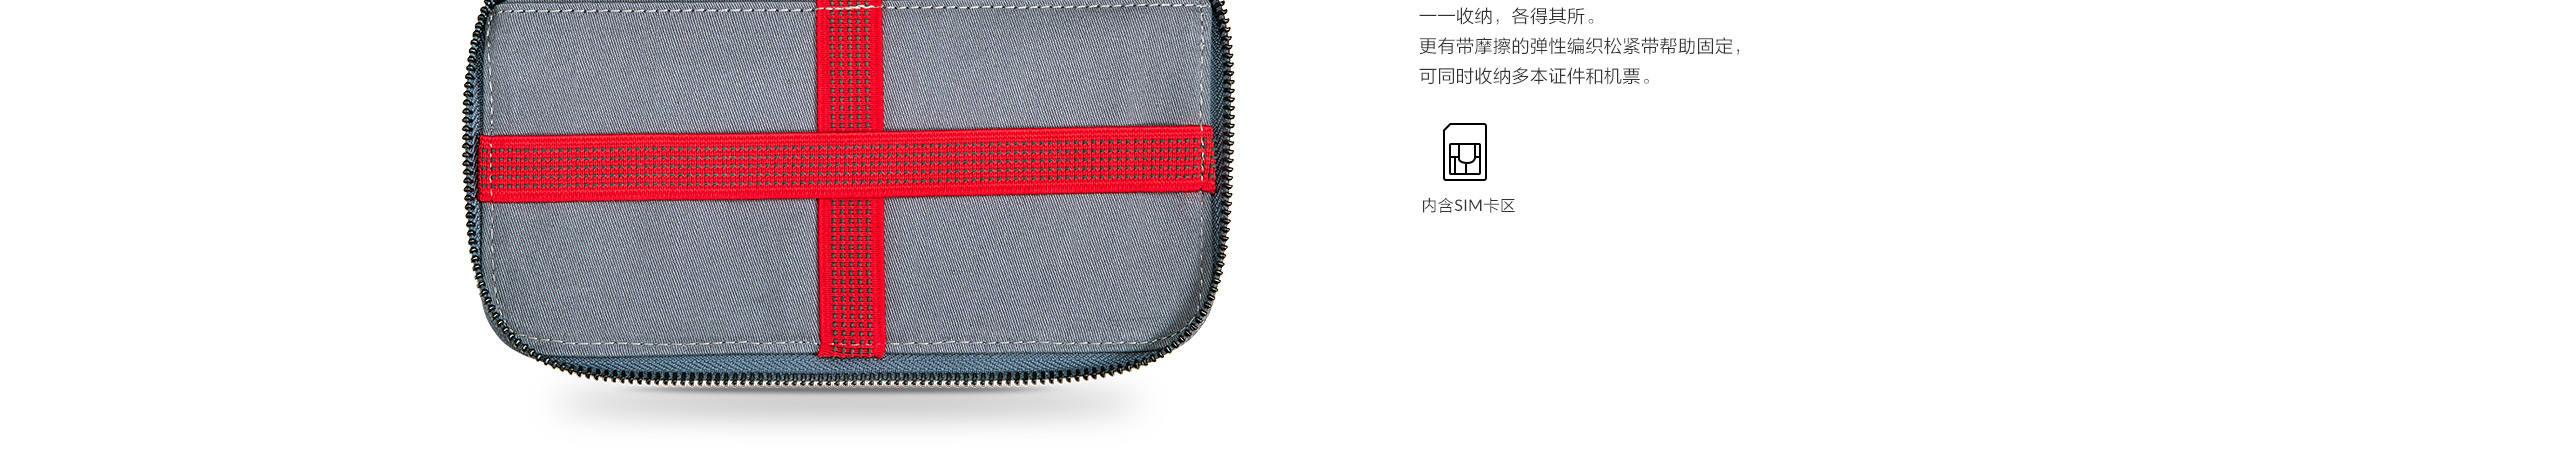 一加旅行证件包(蓝灰色)14